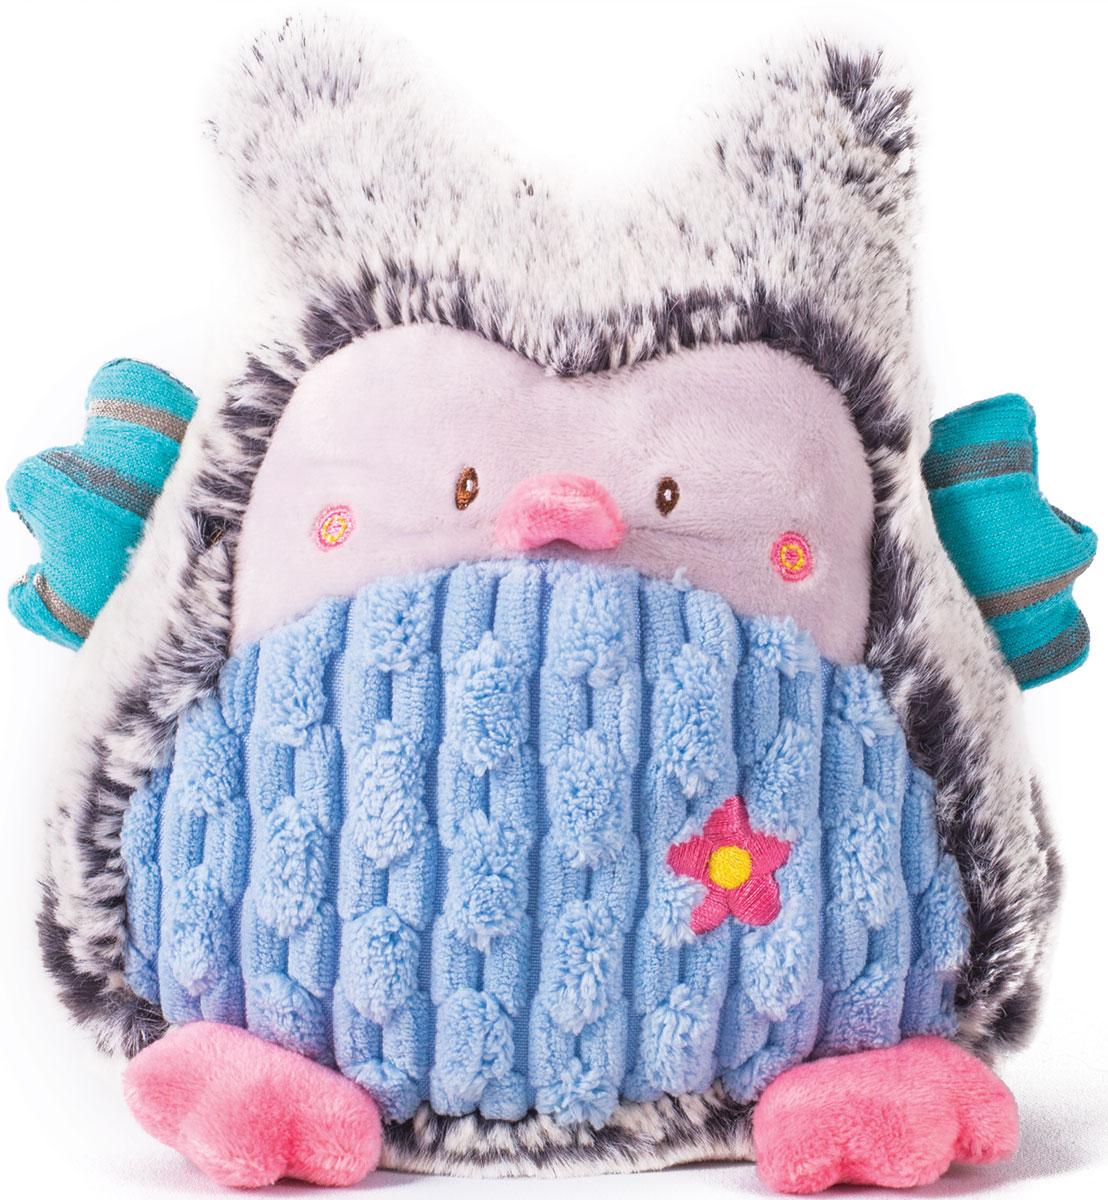 Gulliver Мягкая игрушка Совушка цвет серый голубой 17 см - Мягкие игрушки